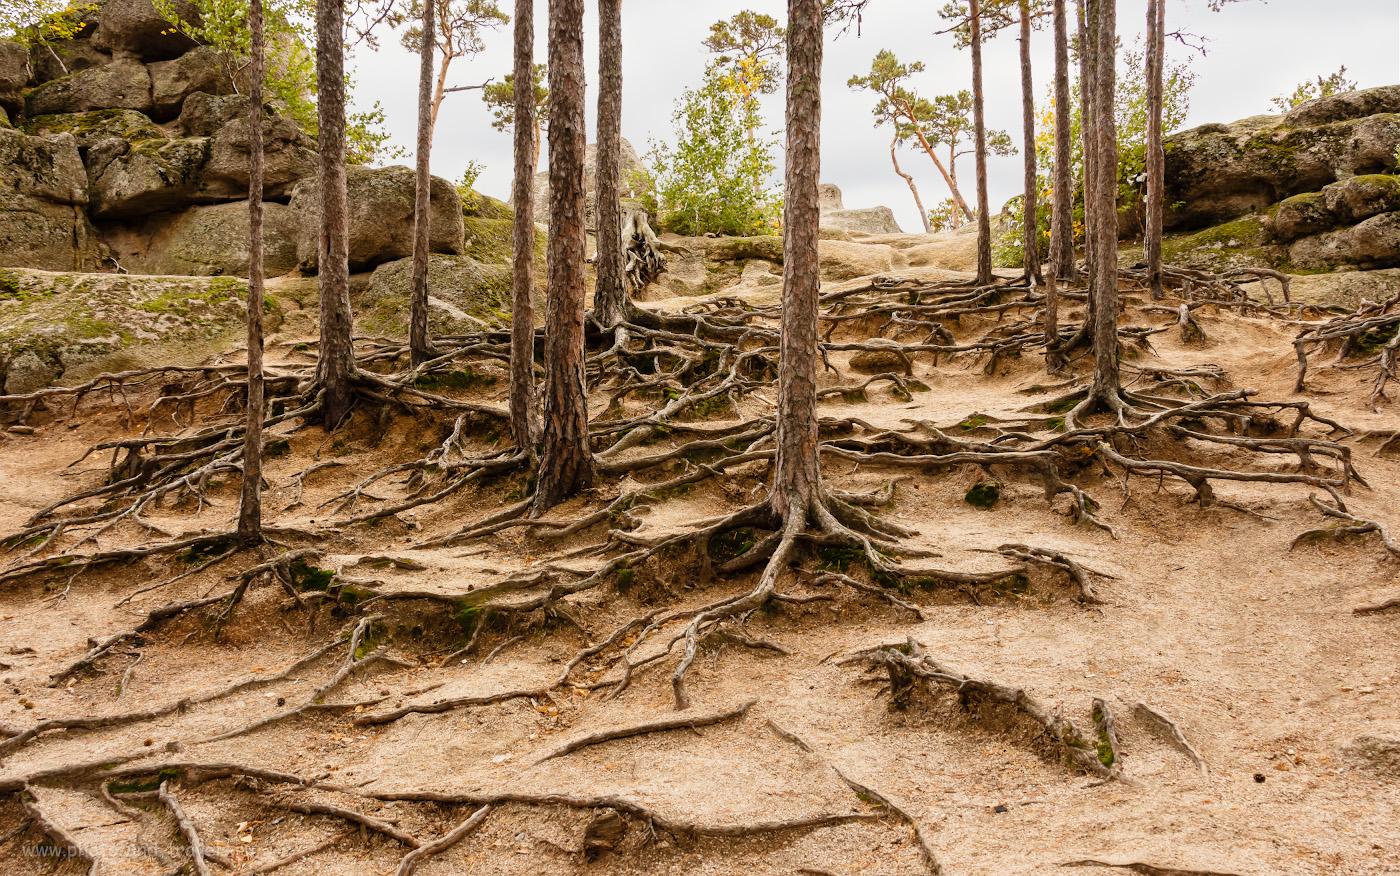 Фотография 10. Корни деревьев на склоне скал вокруг озера Боровое. Отчет о путешествии в Казахстан из Свердловской области на автомобиле. 1/160, +0.3, 8, 400, 18.